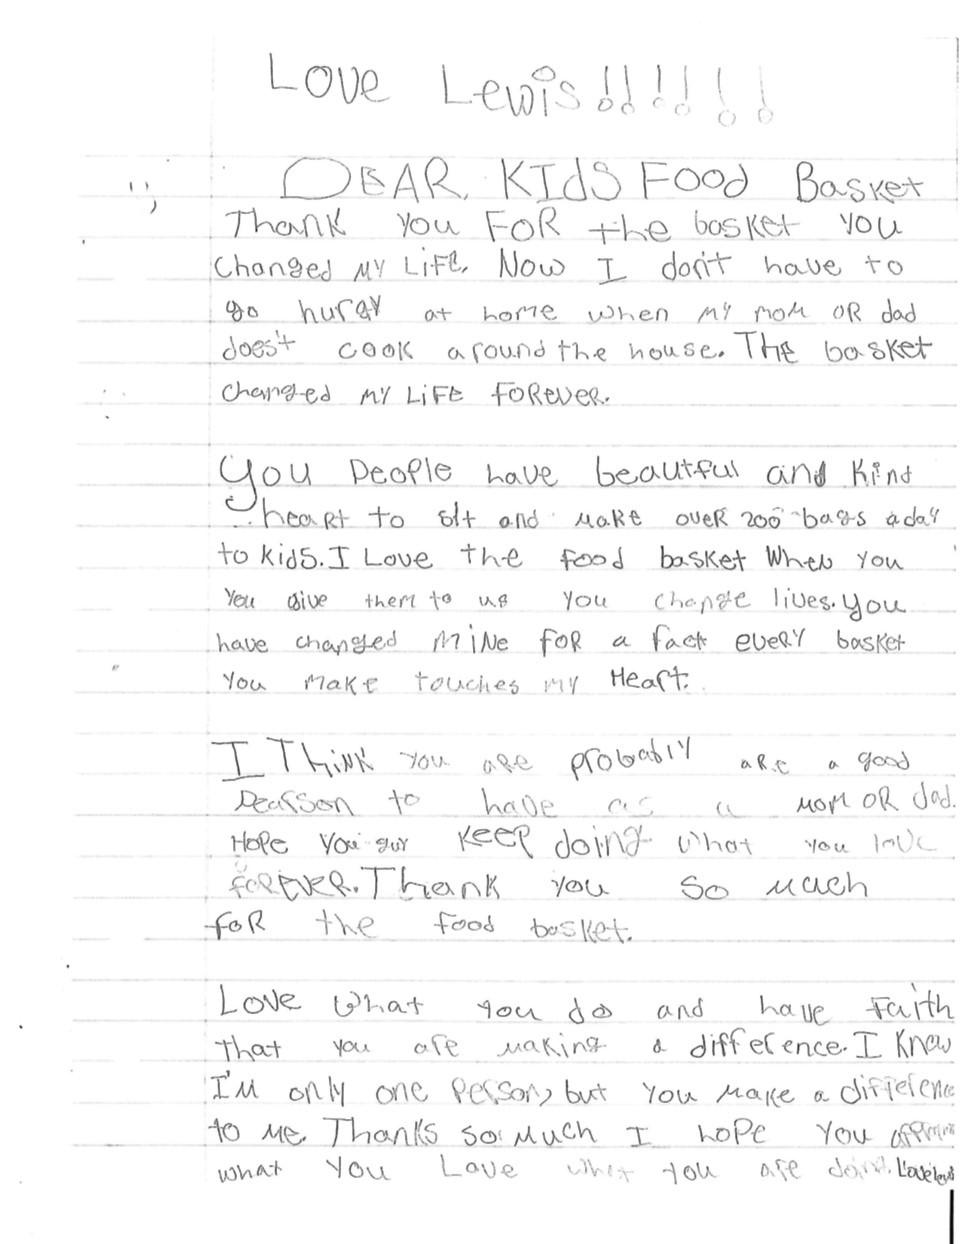 Kids' Food Basket Letter